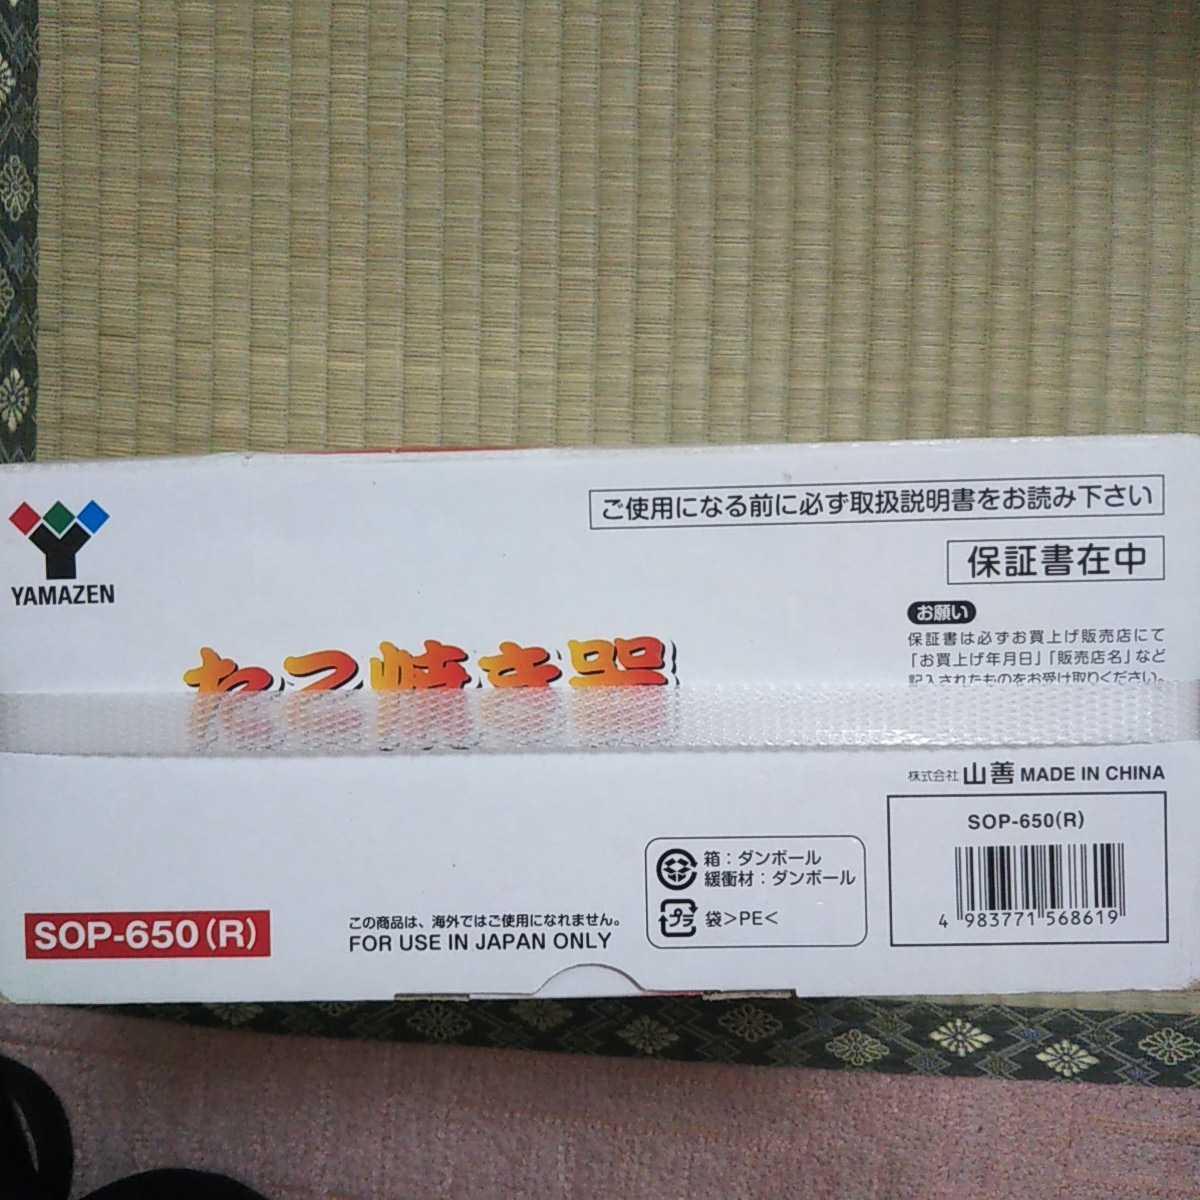 新品 たこ焼き器 フッ素コート 山善 YAMAZEN 送料無料 18個焼き